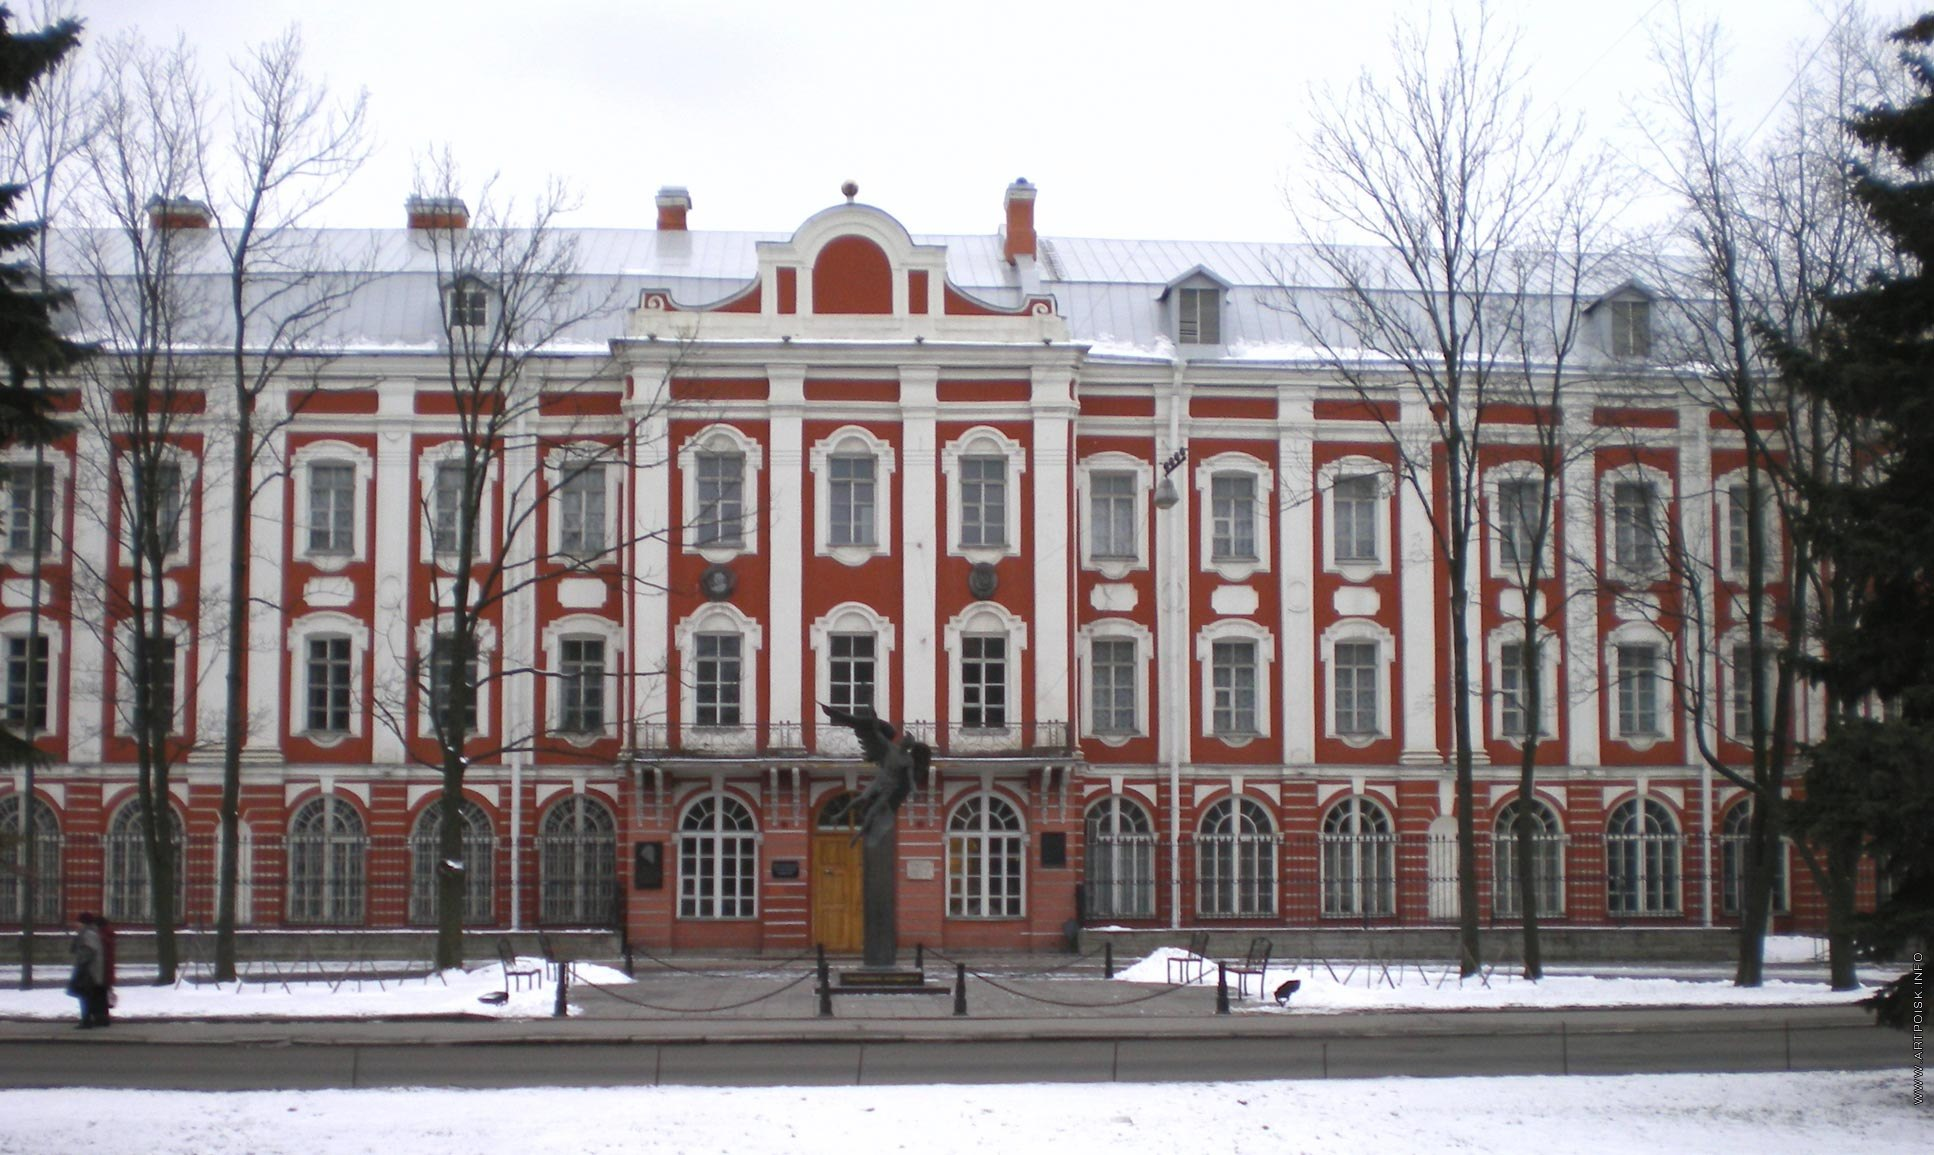 Путин назвал невозможной продажу исторических зданий СПбГУ. Но упомянул, что университет может «эффективно использовать» другое имущество